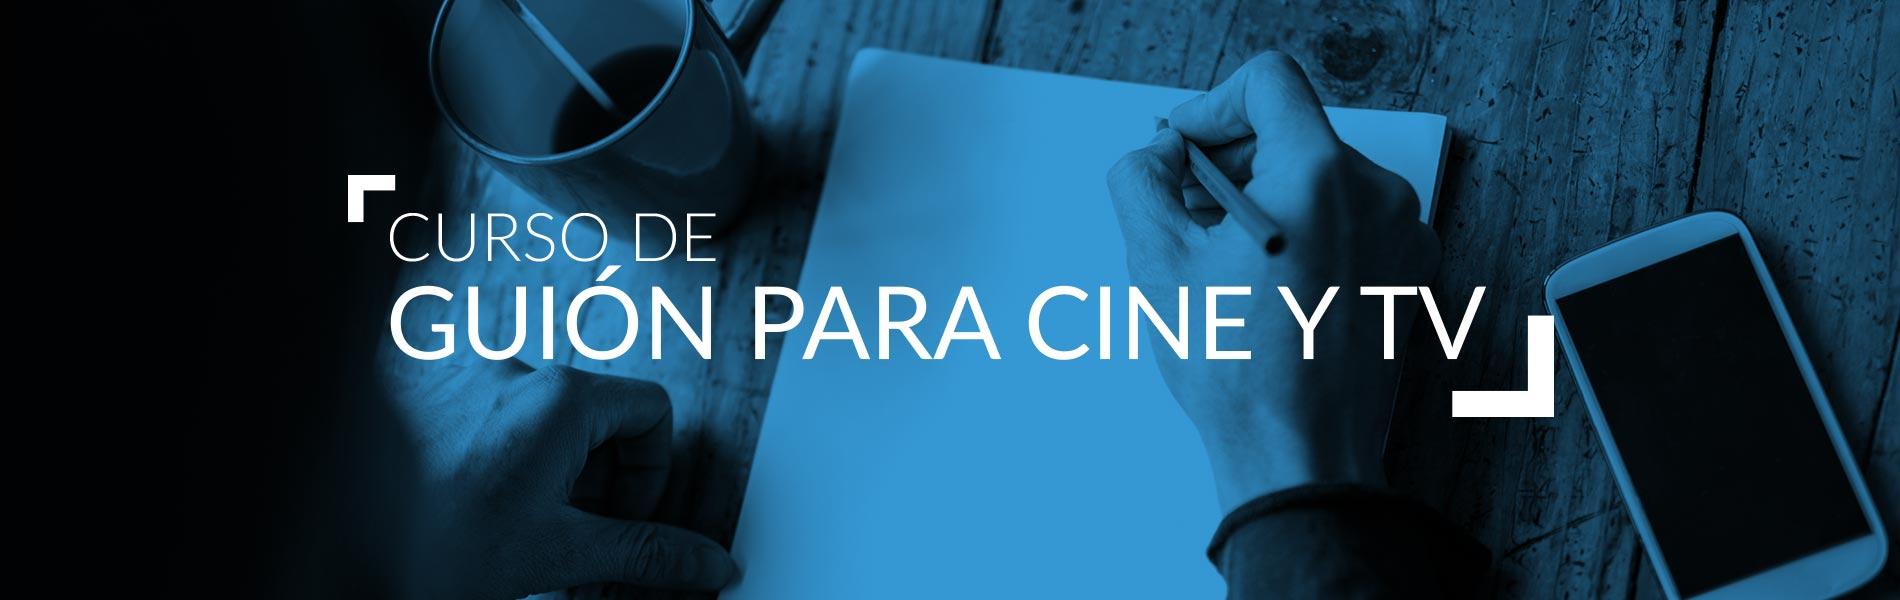 Curso Guion Cine y Tv